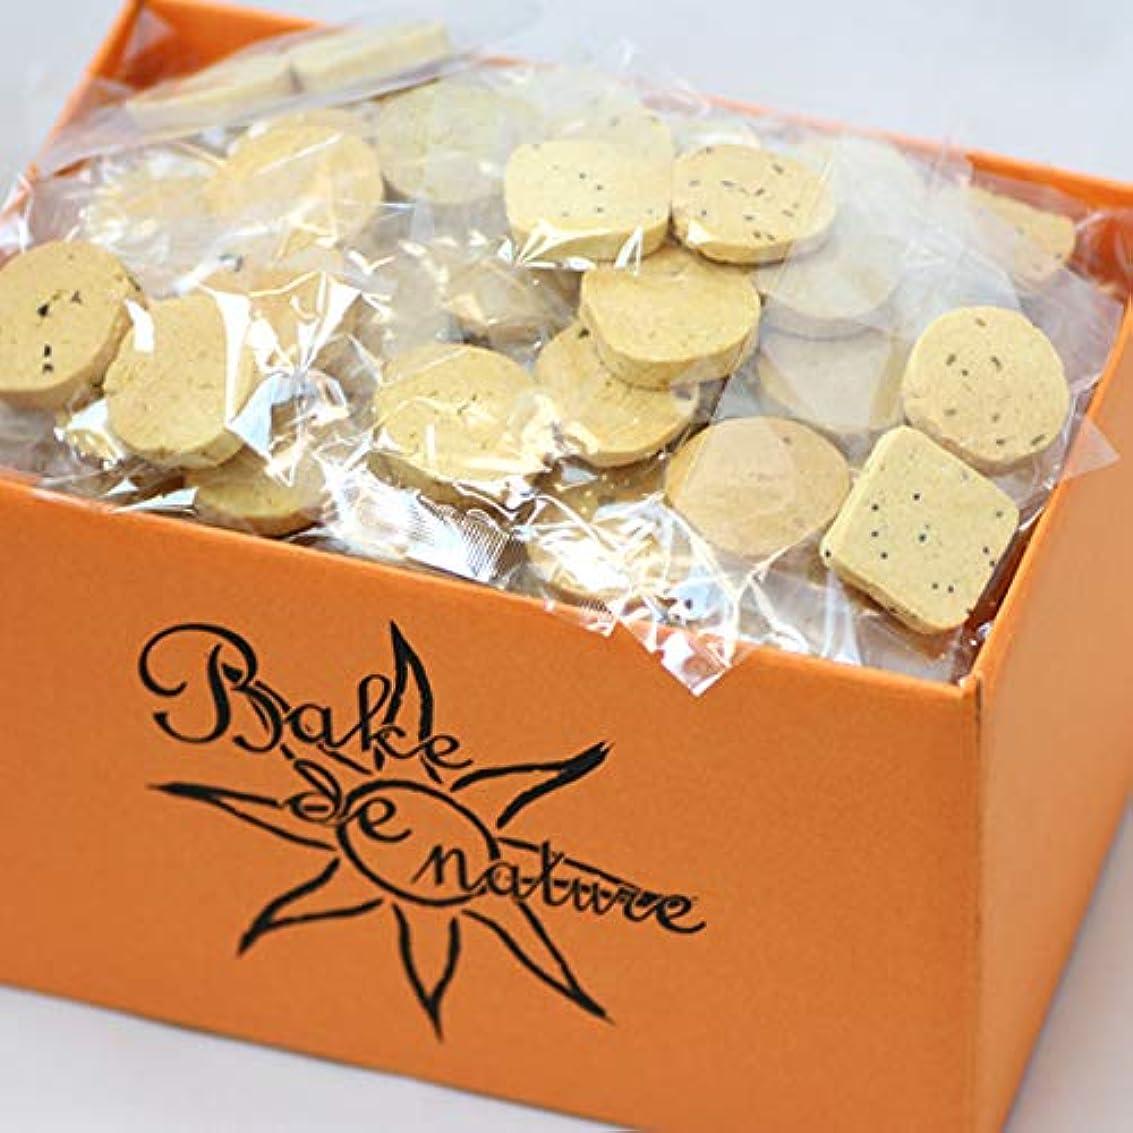 叫び声異なる湿度スーパーフード豆乳おからクッキー (10種類MIX) 1袋 1kg (個包装) 小麦粉不使用のダイエットクッキー